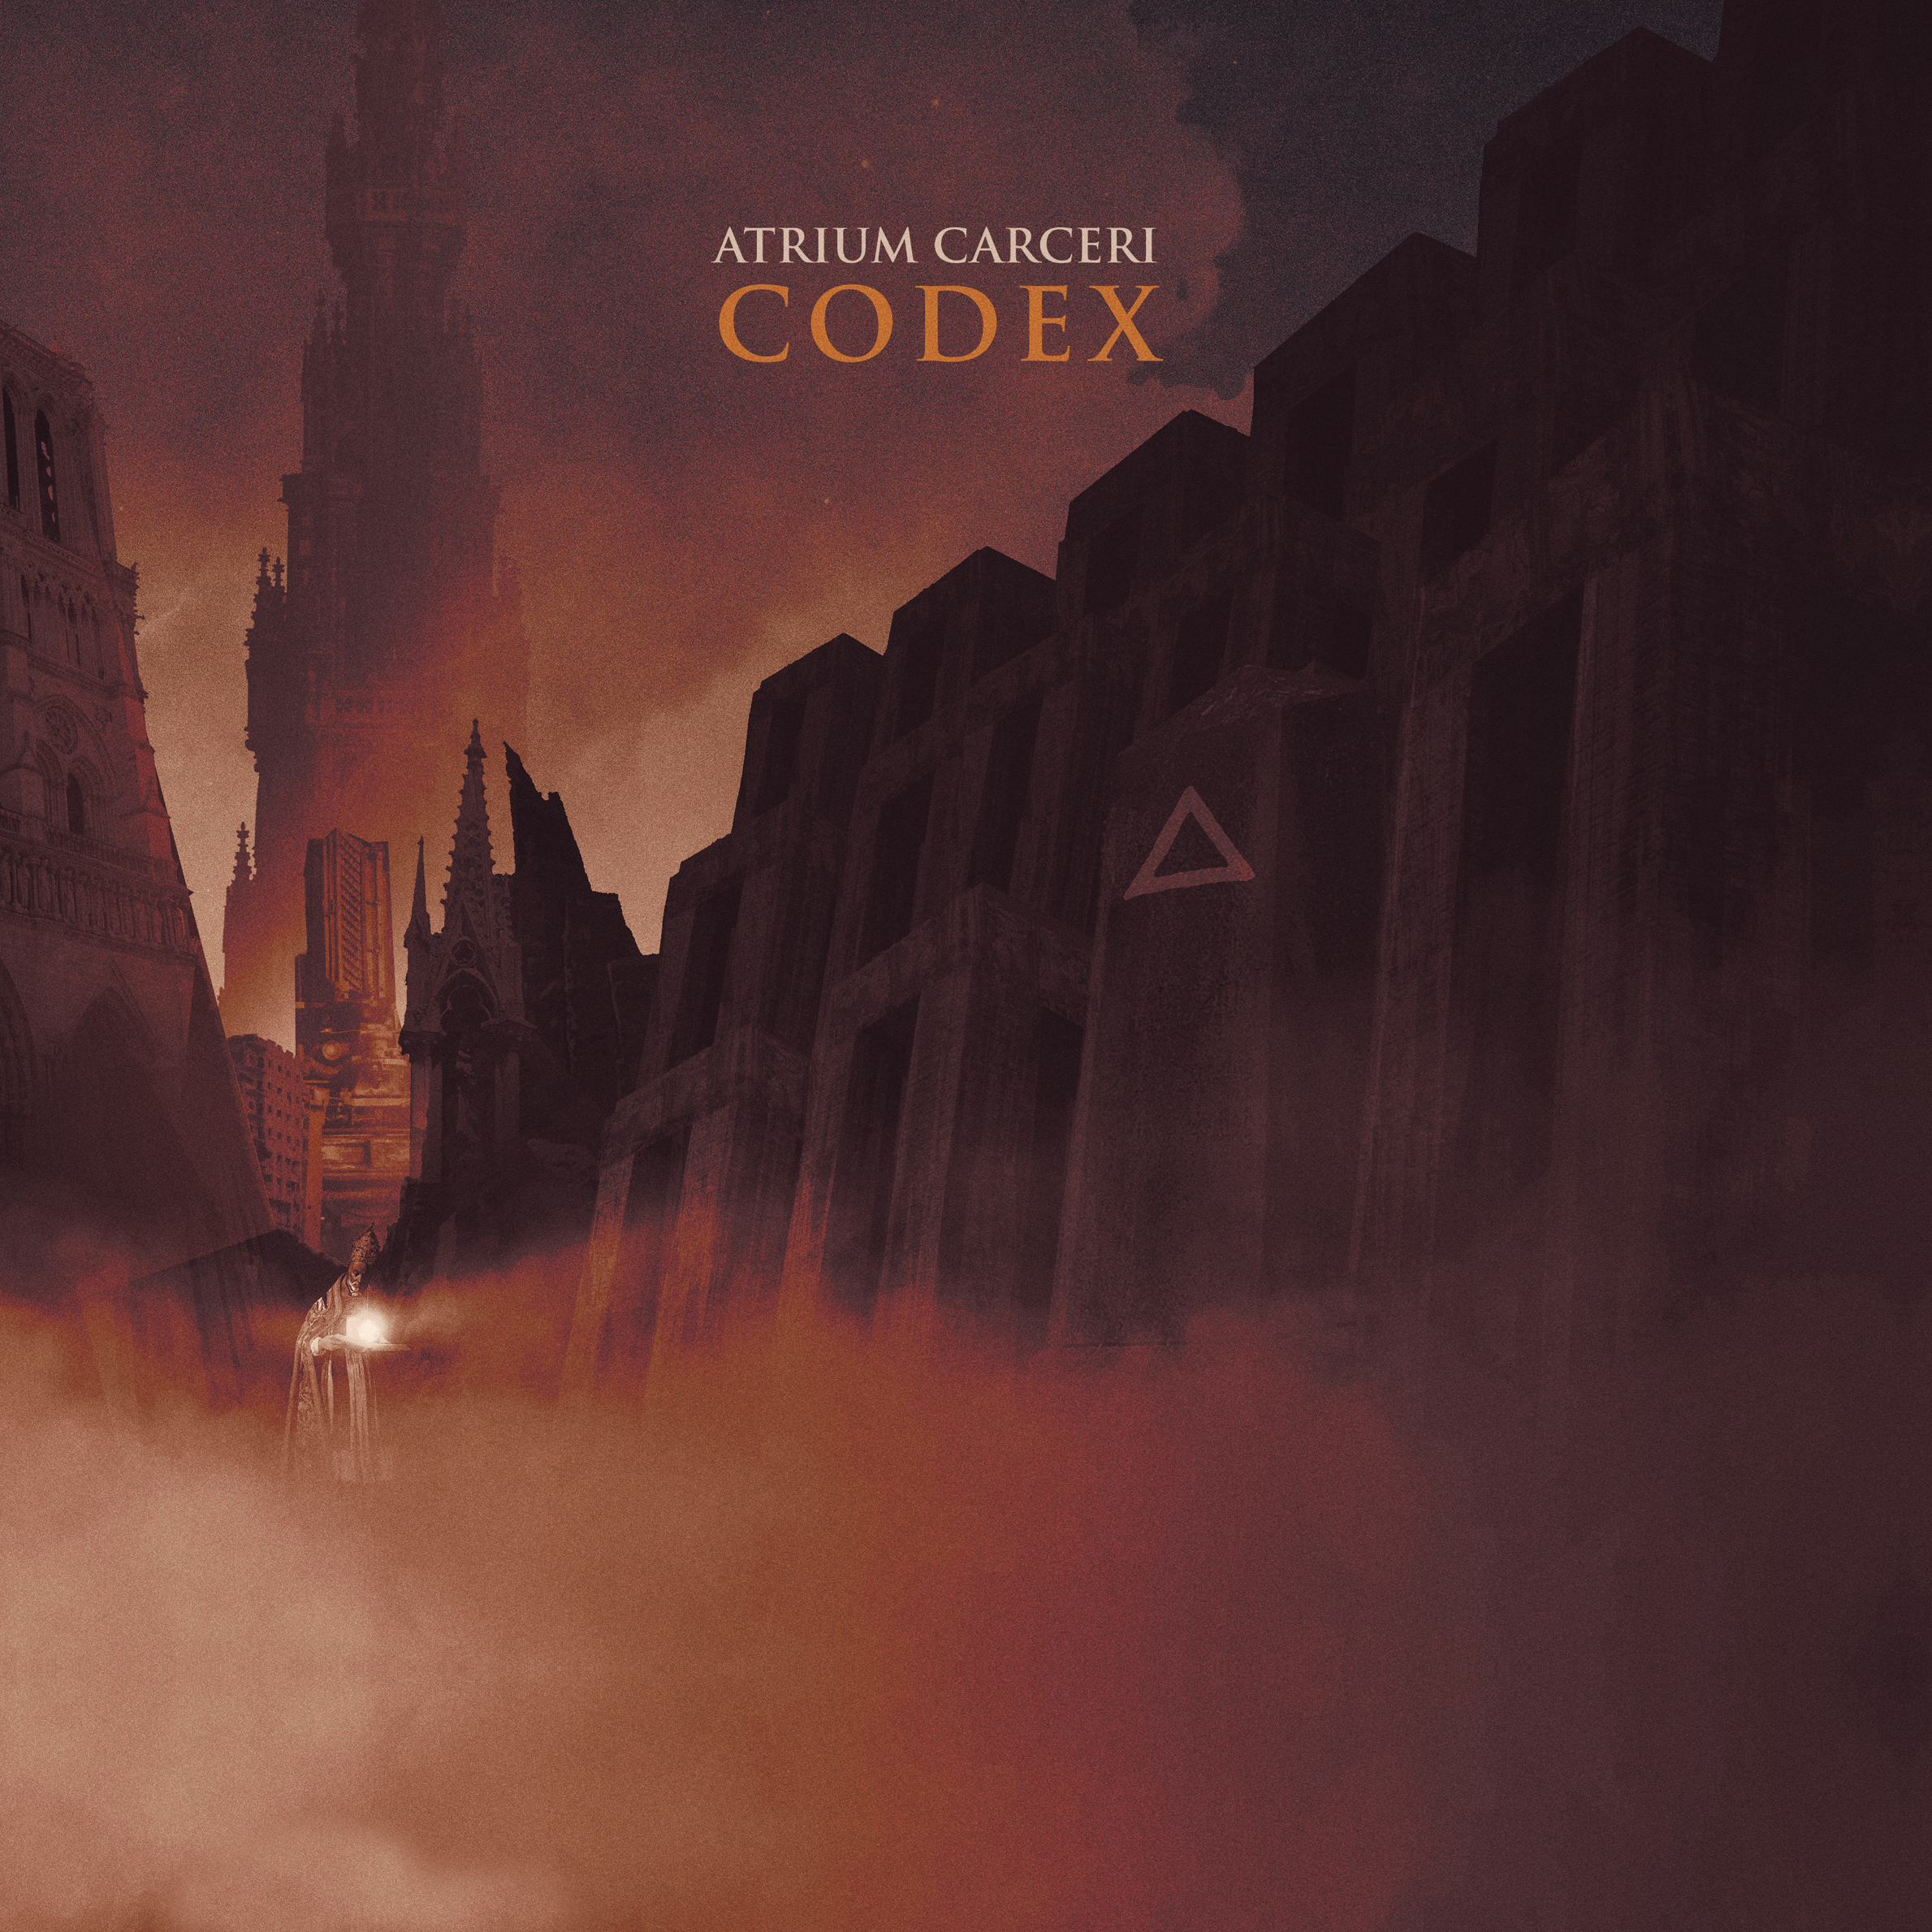 Atrium Carceri - Codex - Review - This Is Darkness